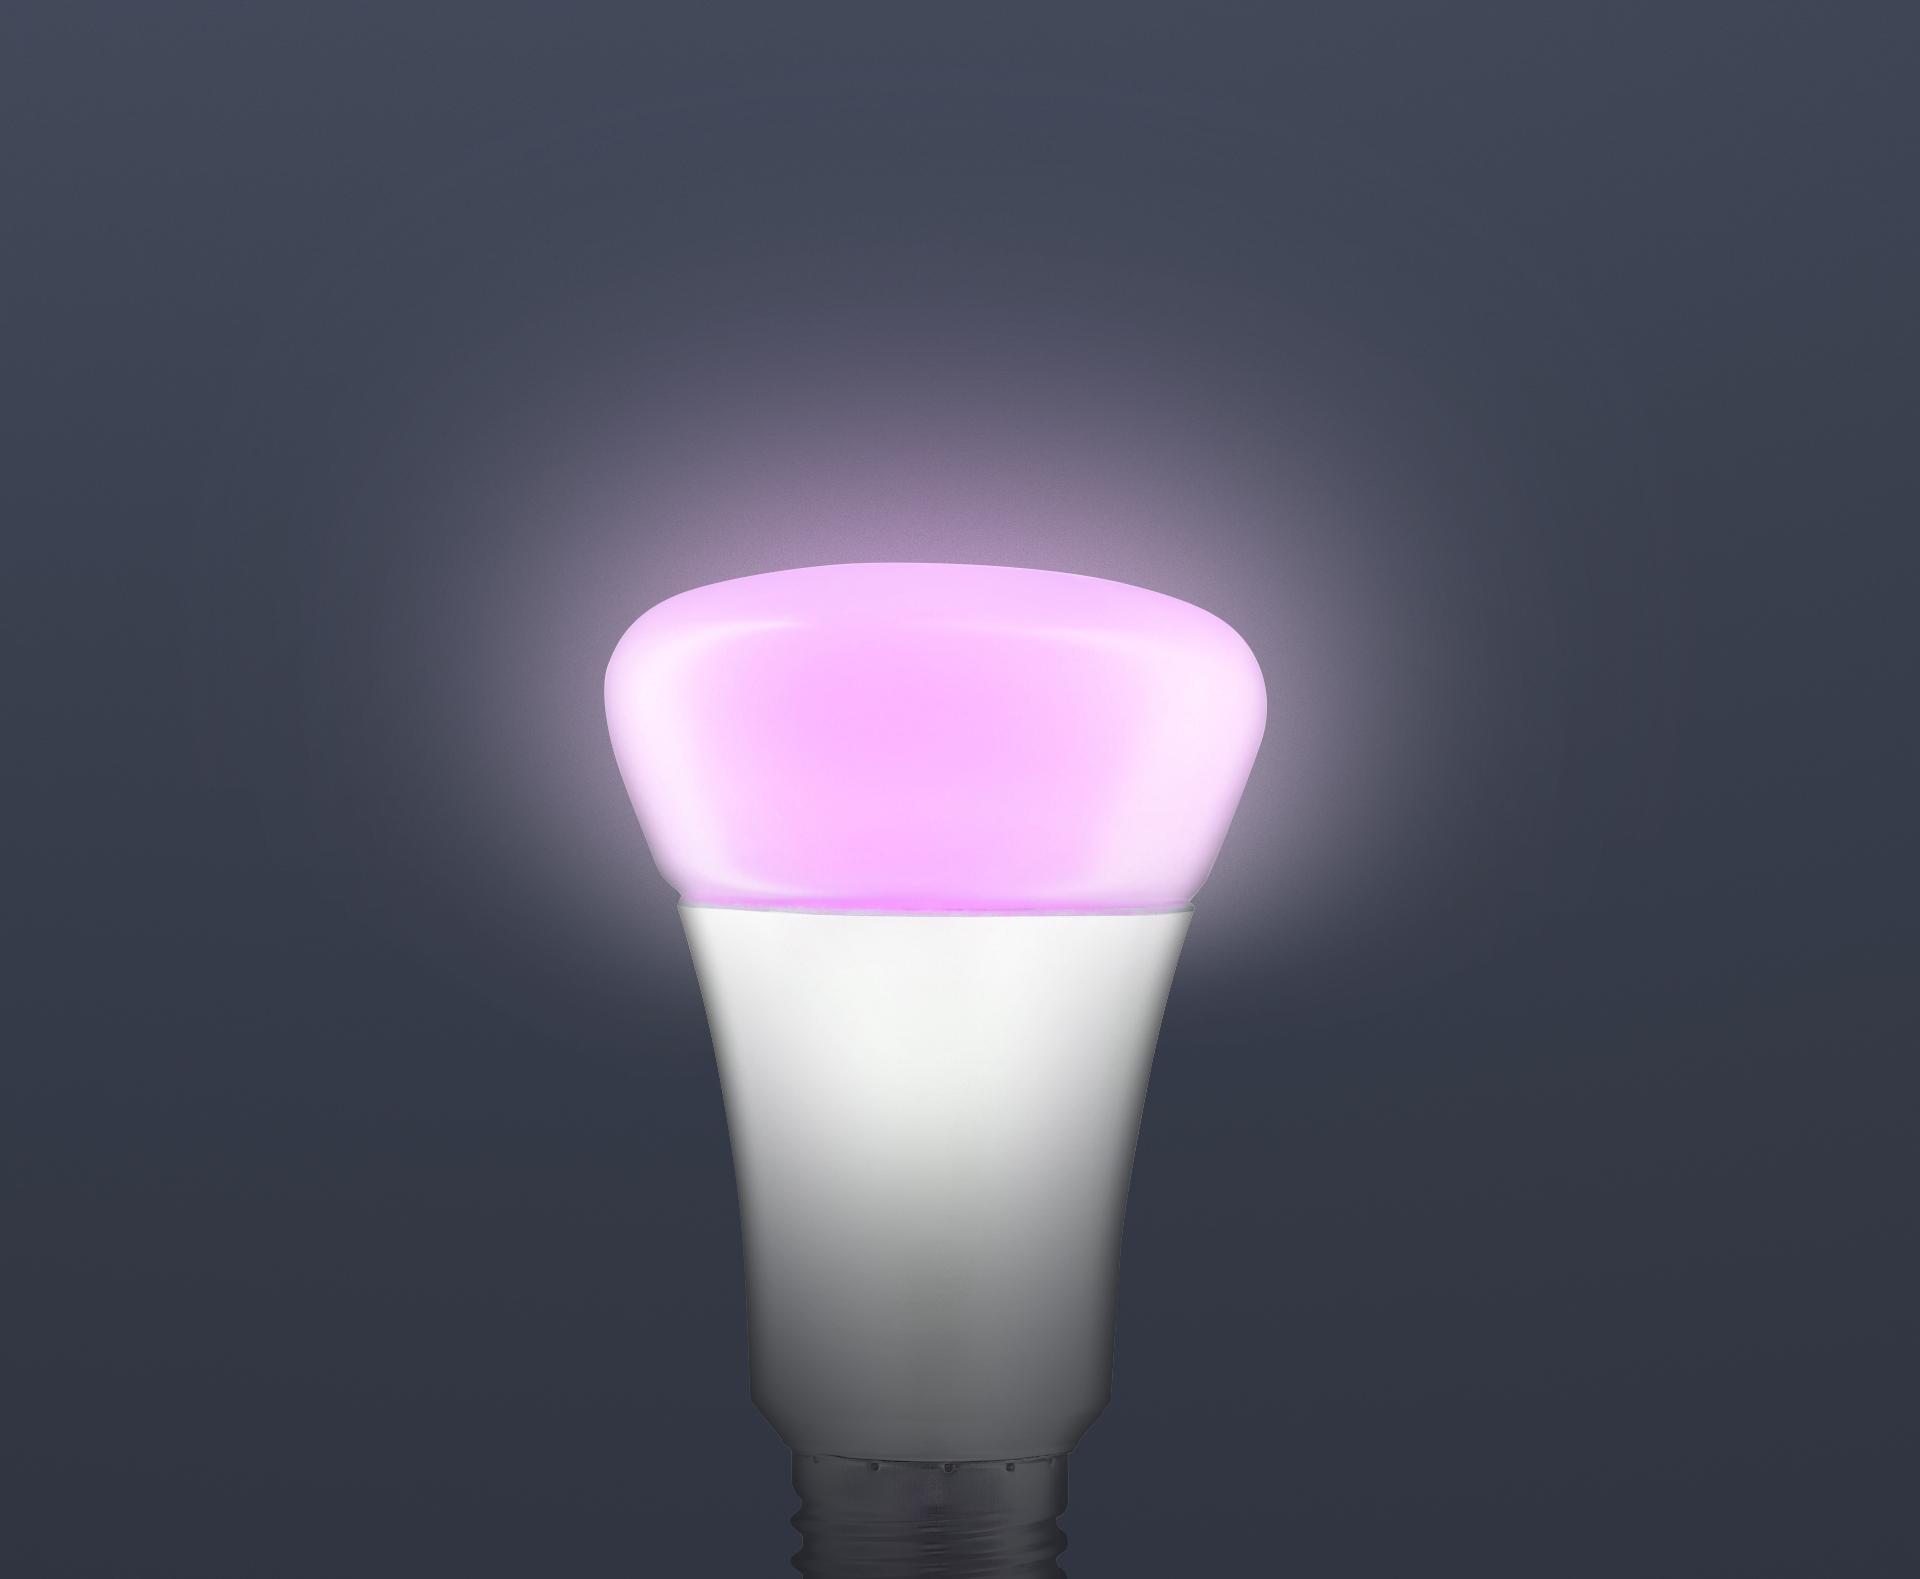 LIGHTBULB WEB IMAGE.jpg